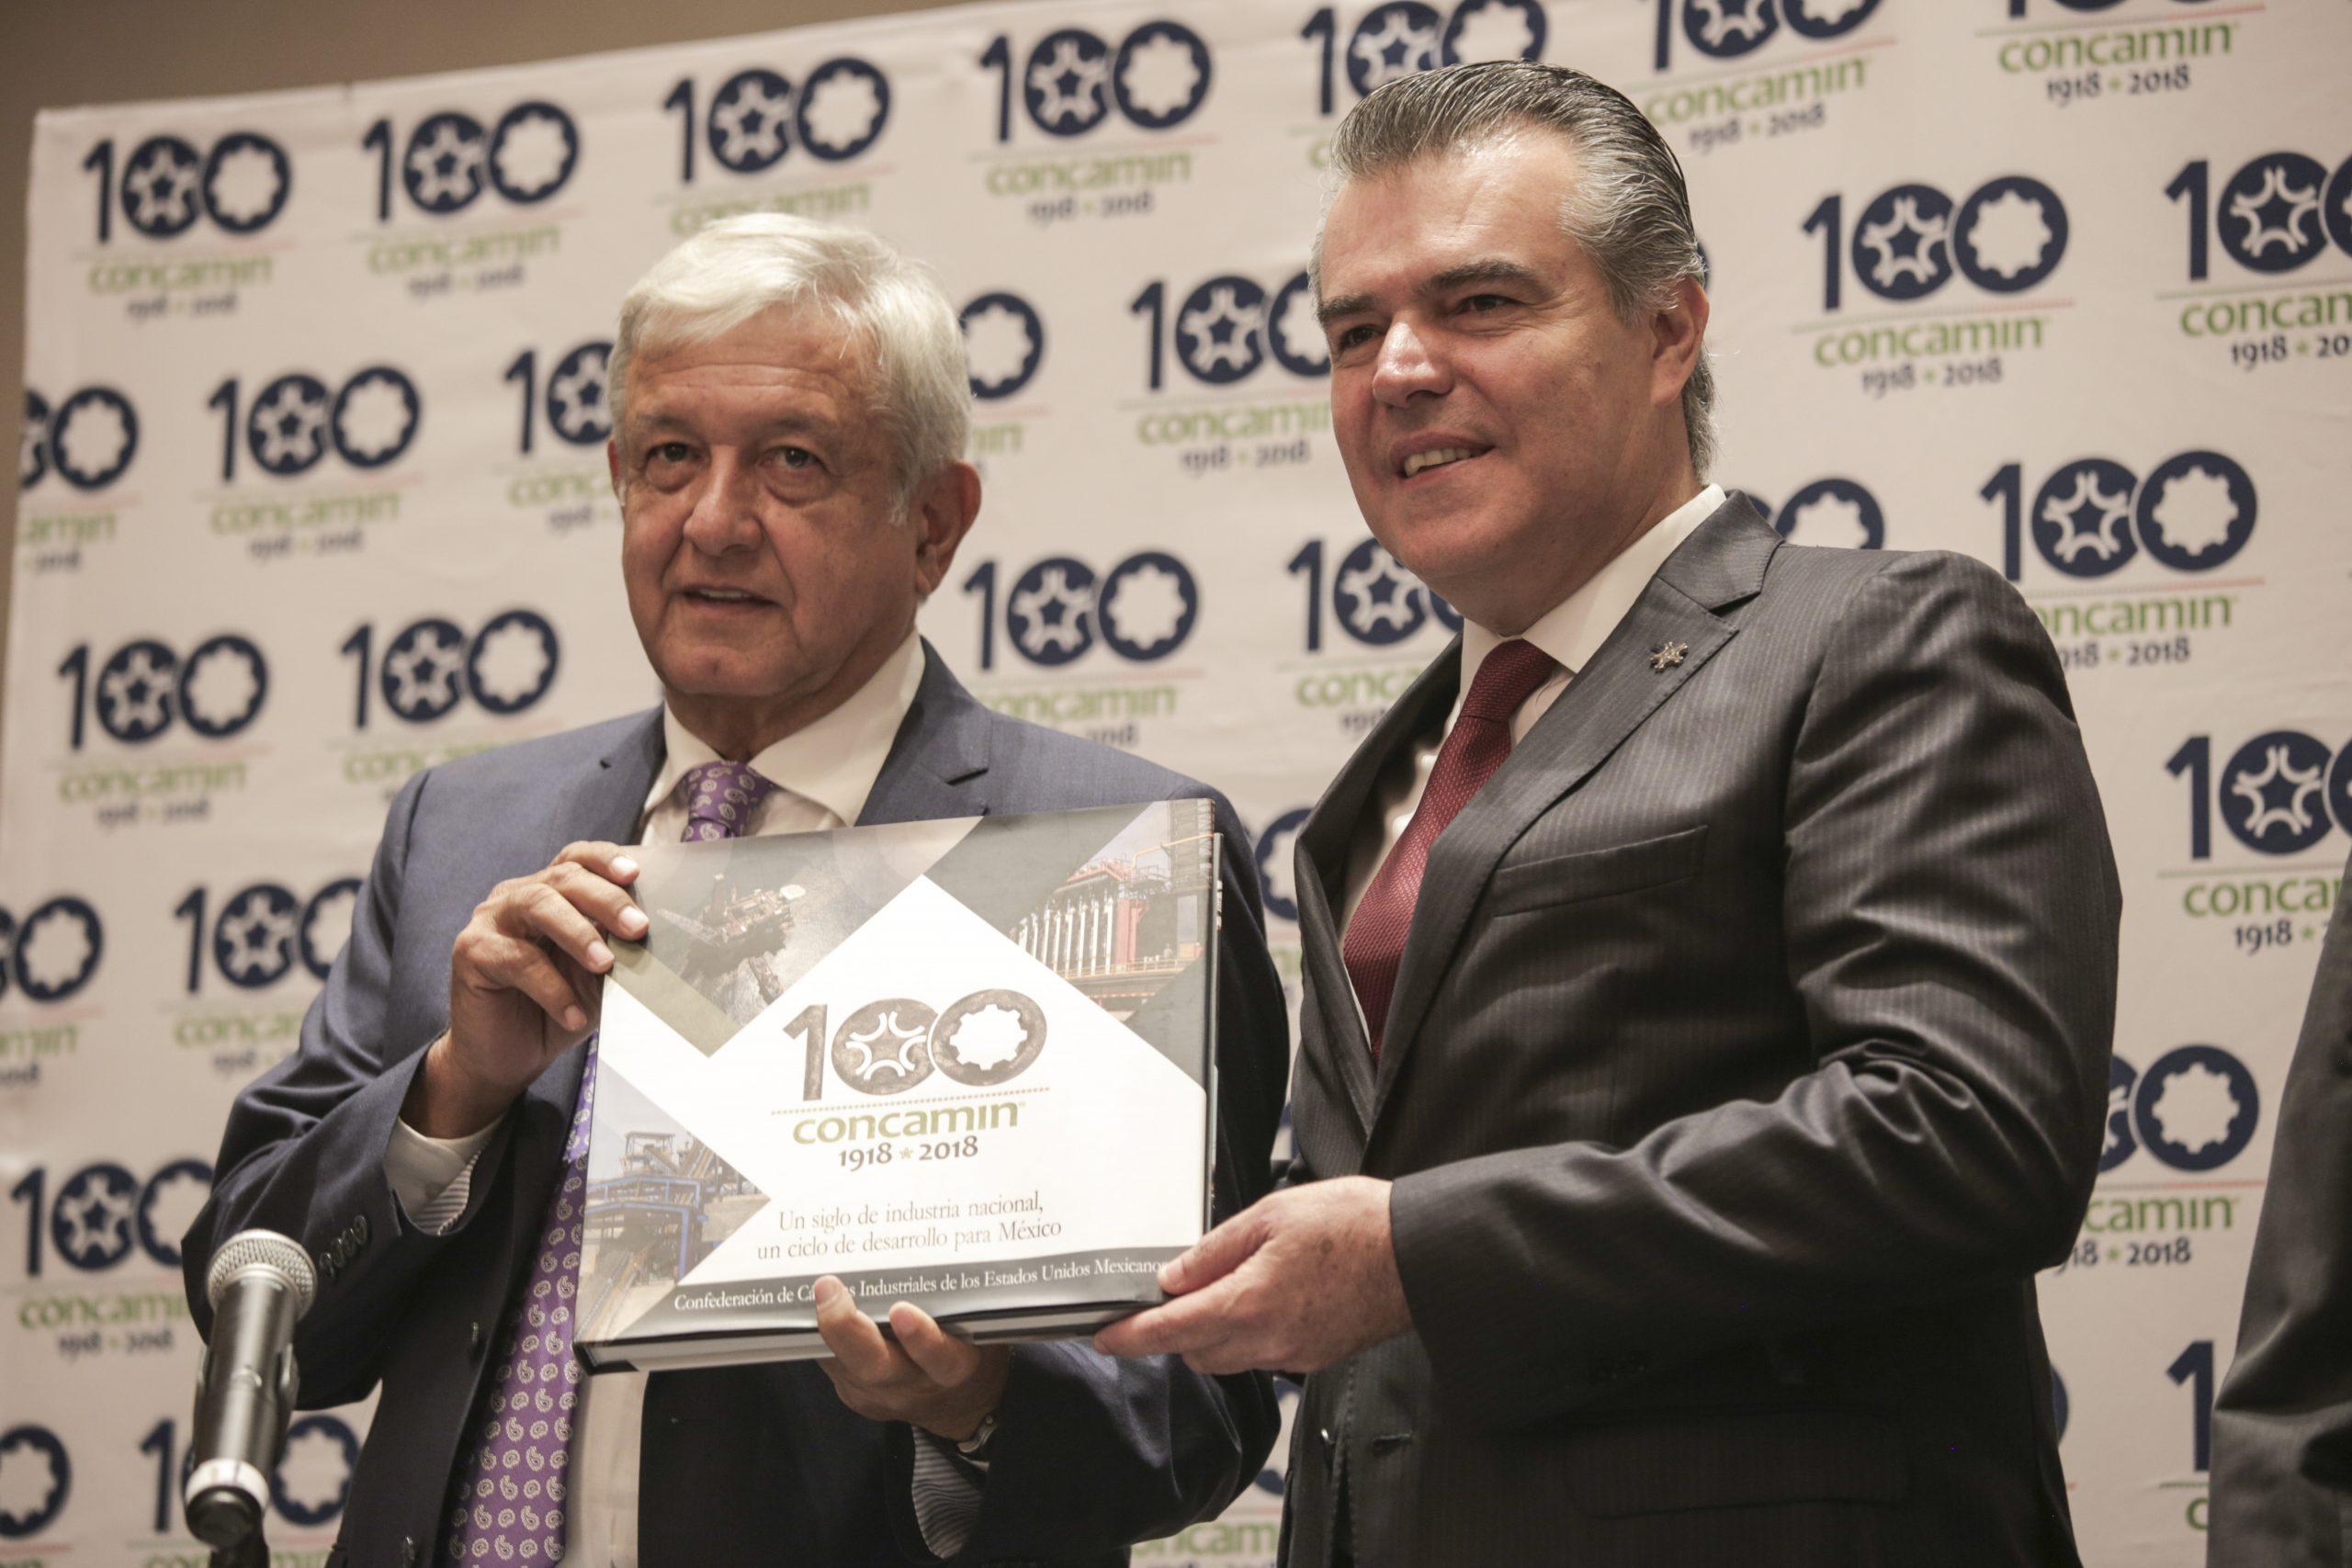 El gobierno de Andrés Manuel López Obrador debe apoyar a las empresas para que sorteen los efectos de la recesión económica, dice Concamin